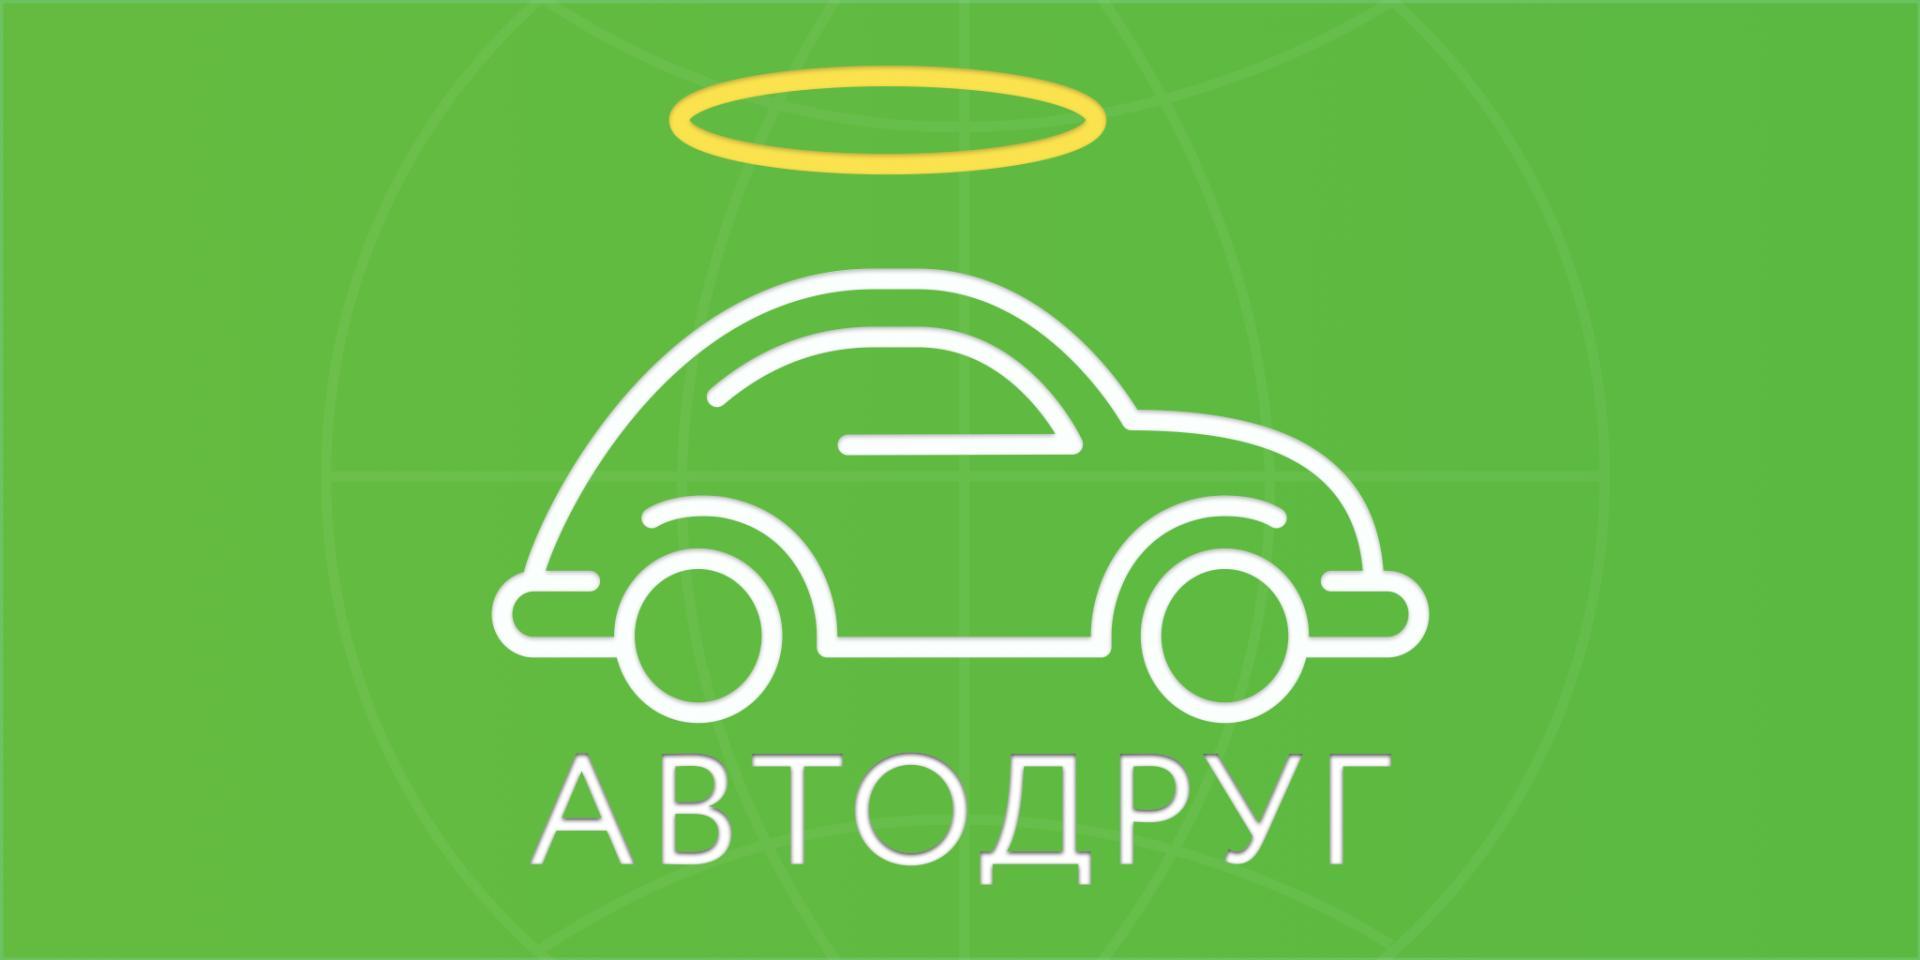 Автодруг — помощник автомобилиста